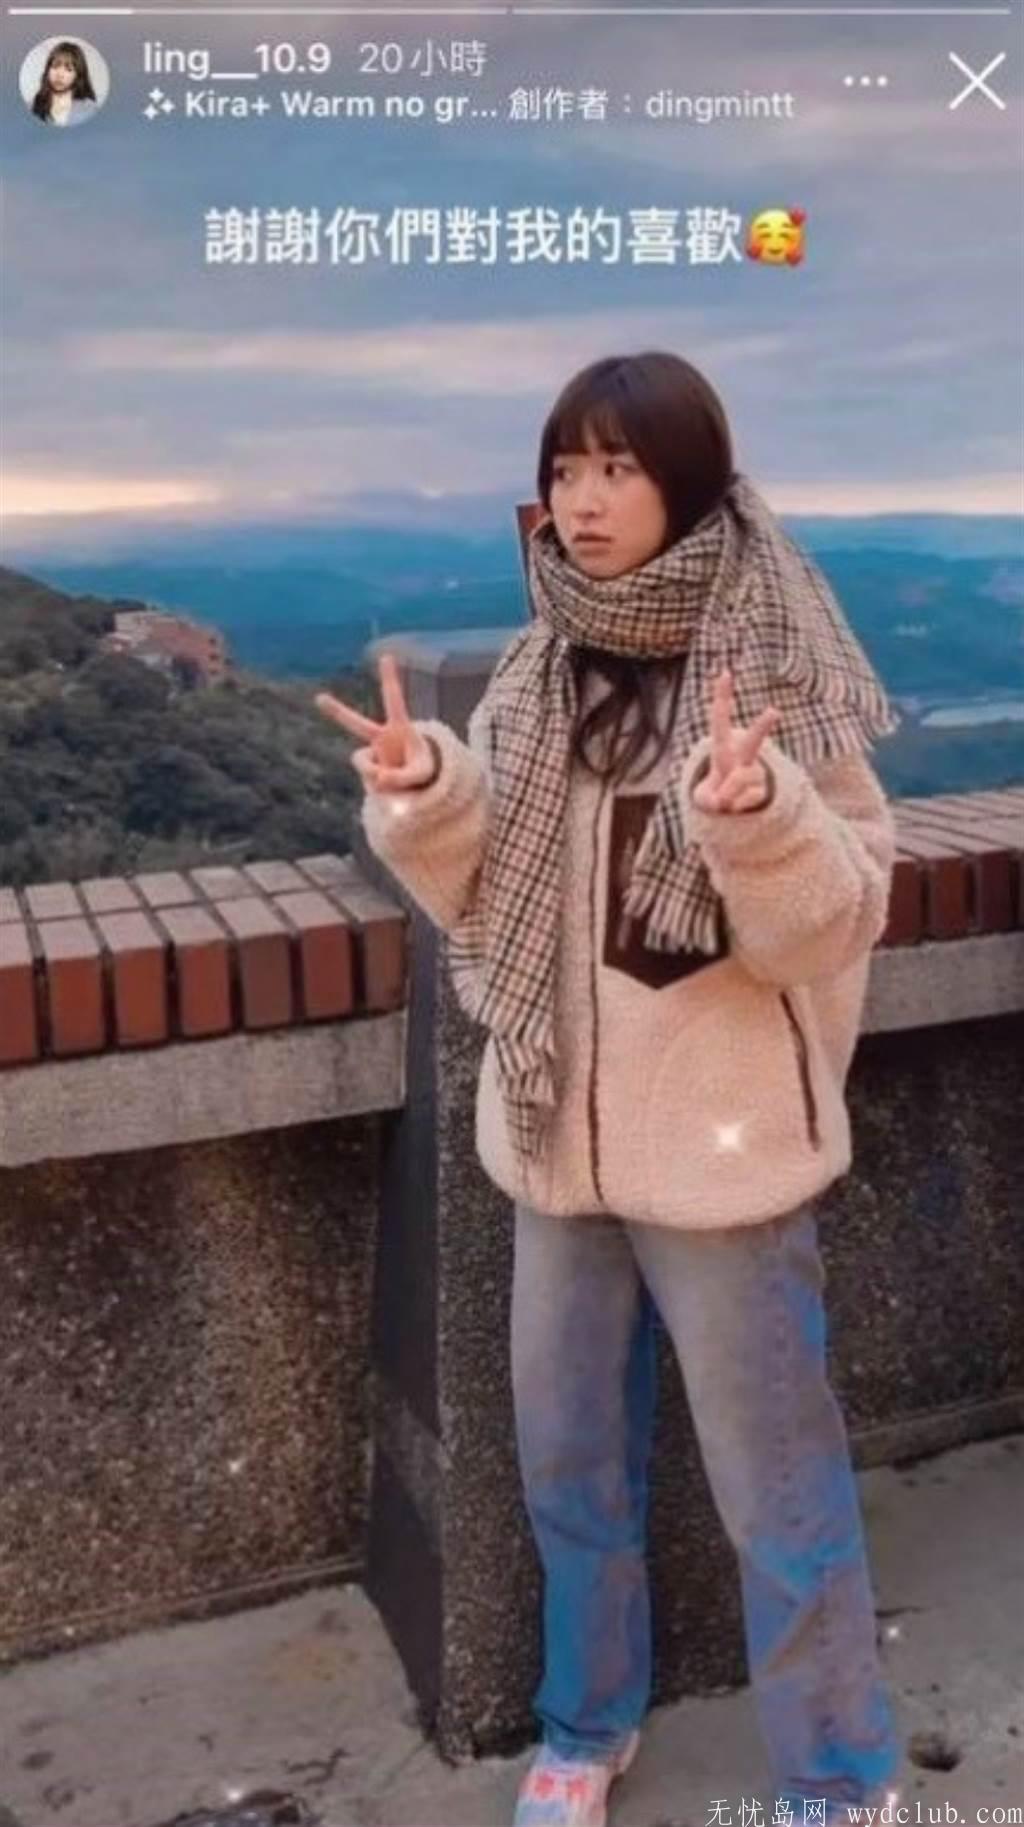 21岁庄凌芸坠楼身亡 李芷婷曝才感谢她暖举叹「不敢相信」 娱乐界 第2张